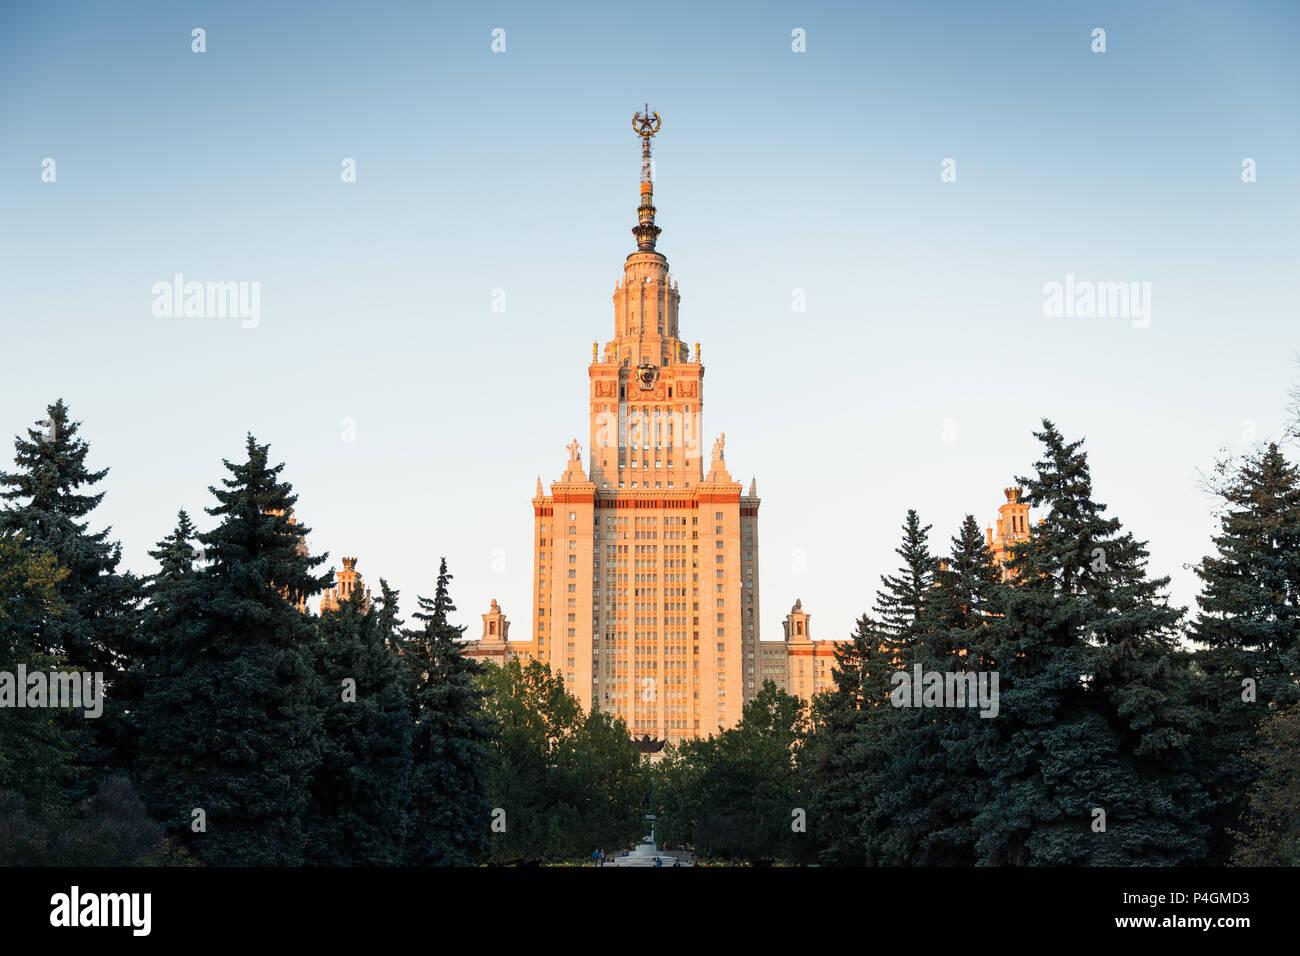 Moskau, Russland - 22. September 2017: Sonnenuntergang Szene der Moskauer Staatlichen Pädagogischen Universität, das höchste Gebäude der Welt. Der Campus umgeben von Stockbild